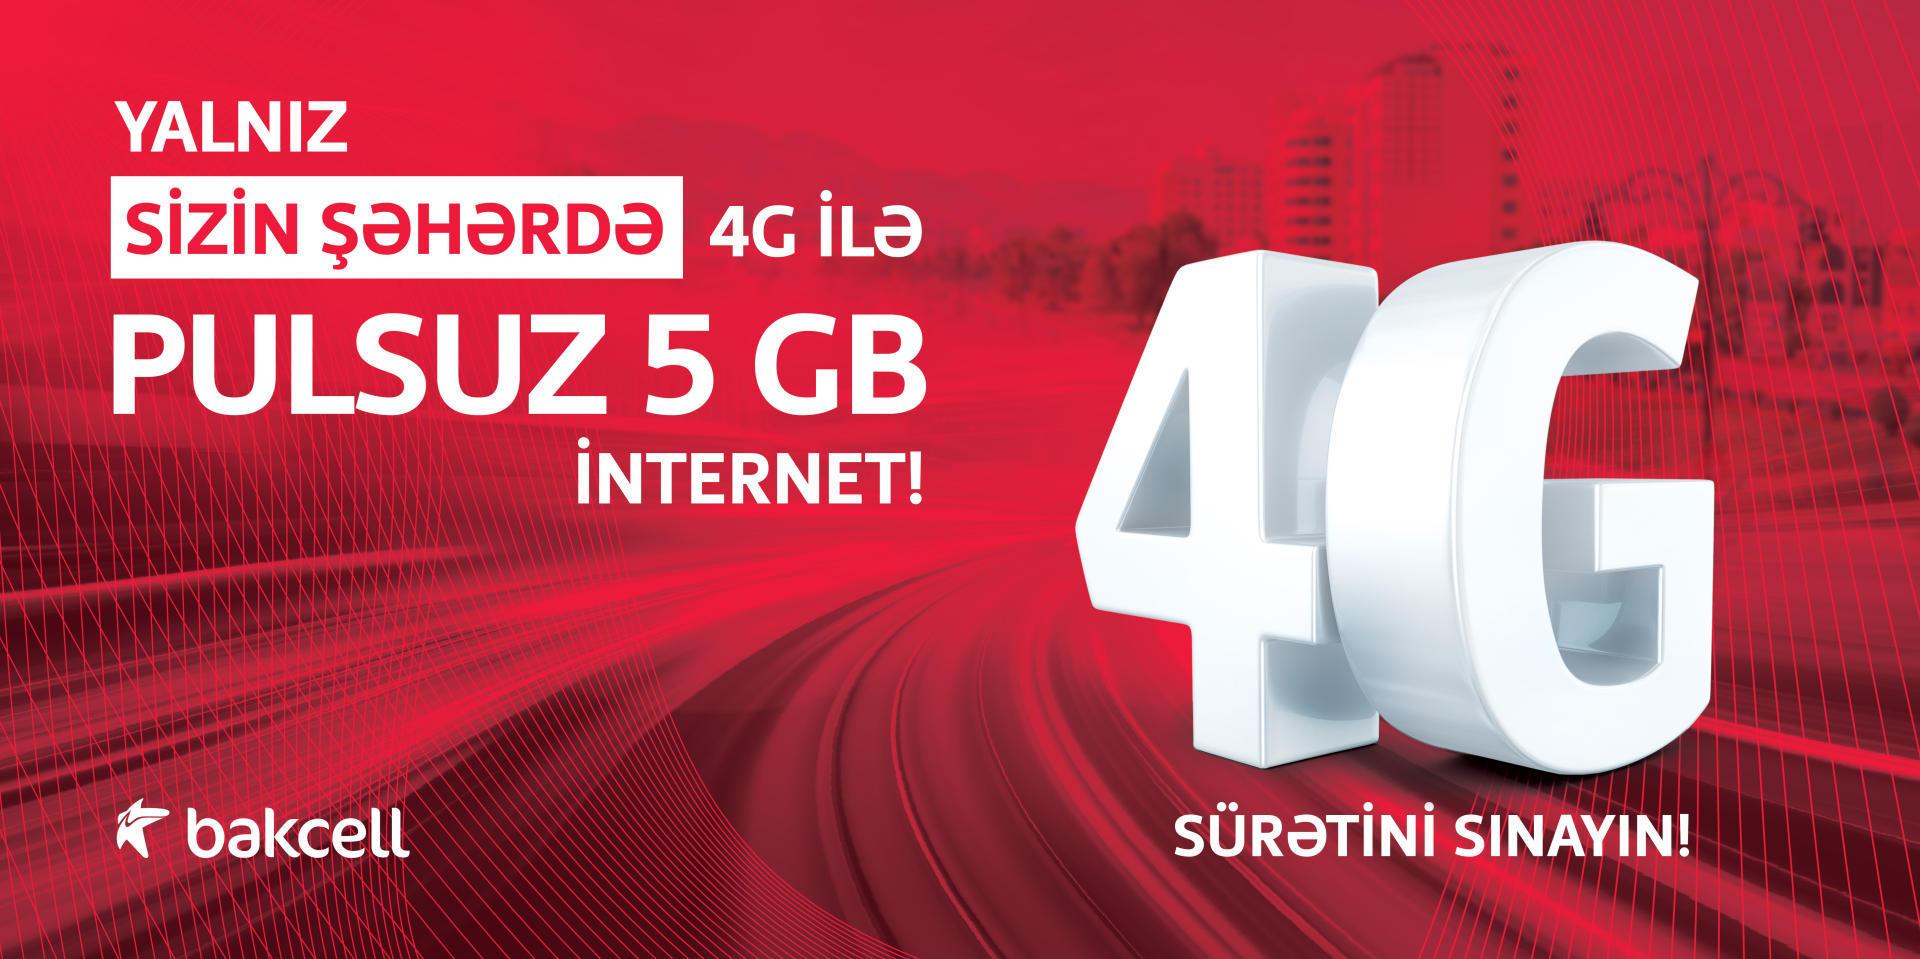 Бесплатный интернет от Bakcell для 6 регионов страны